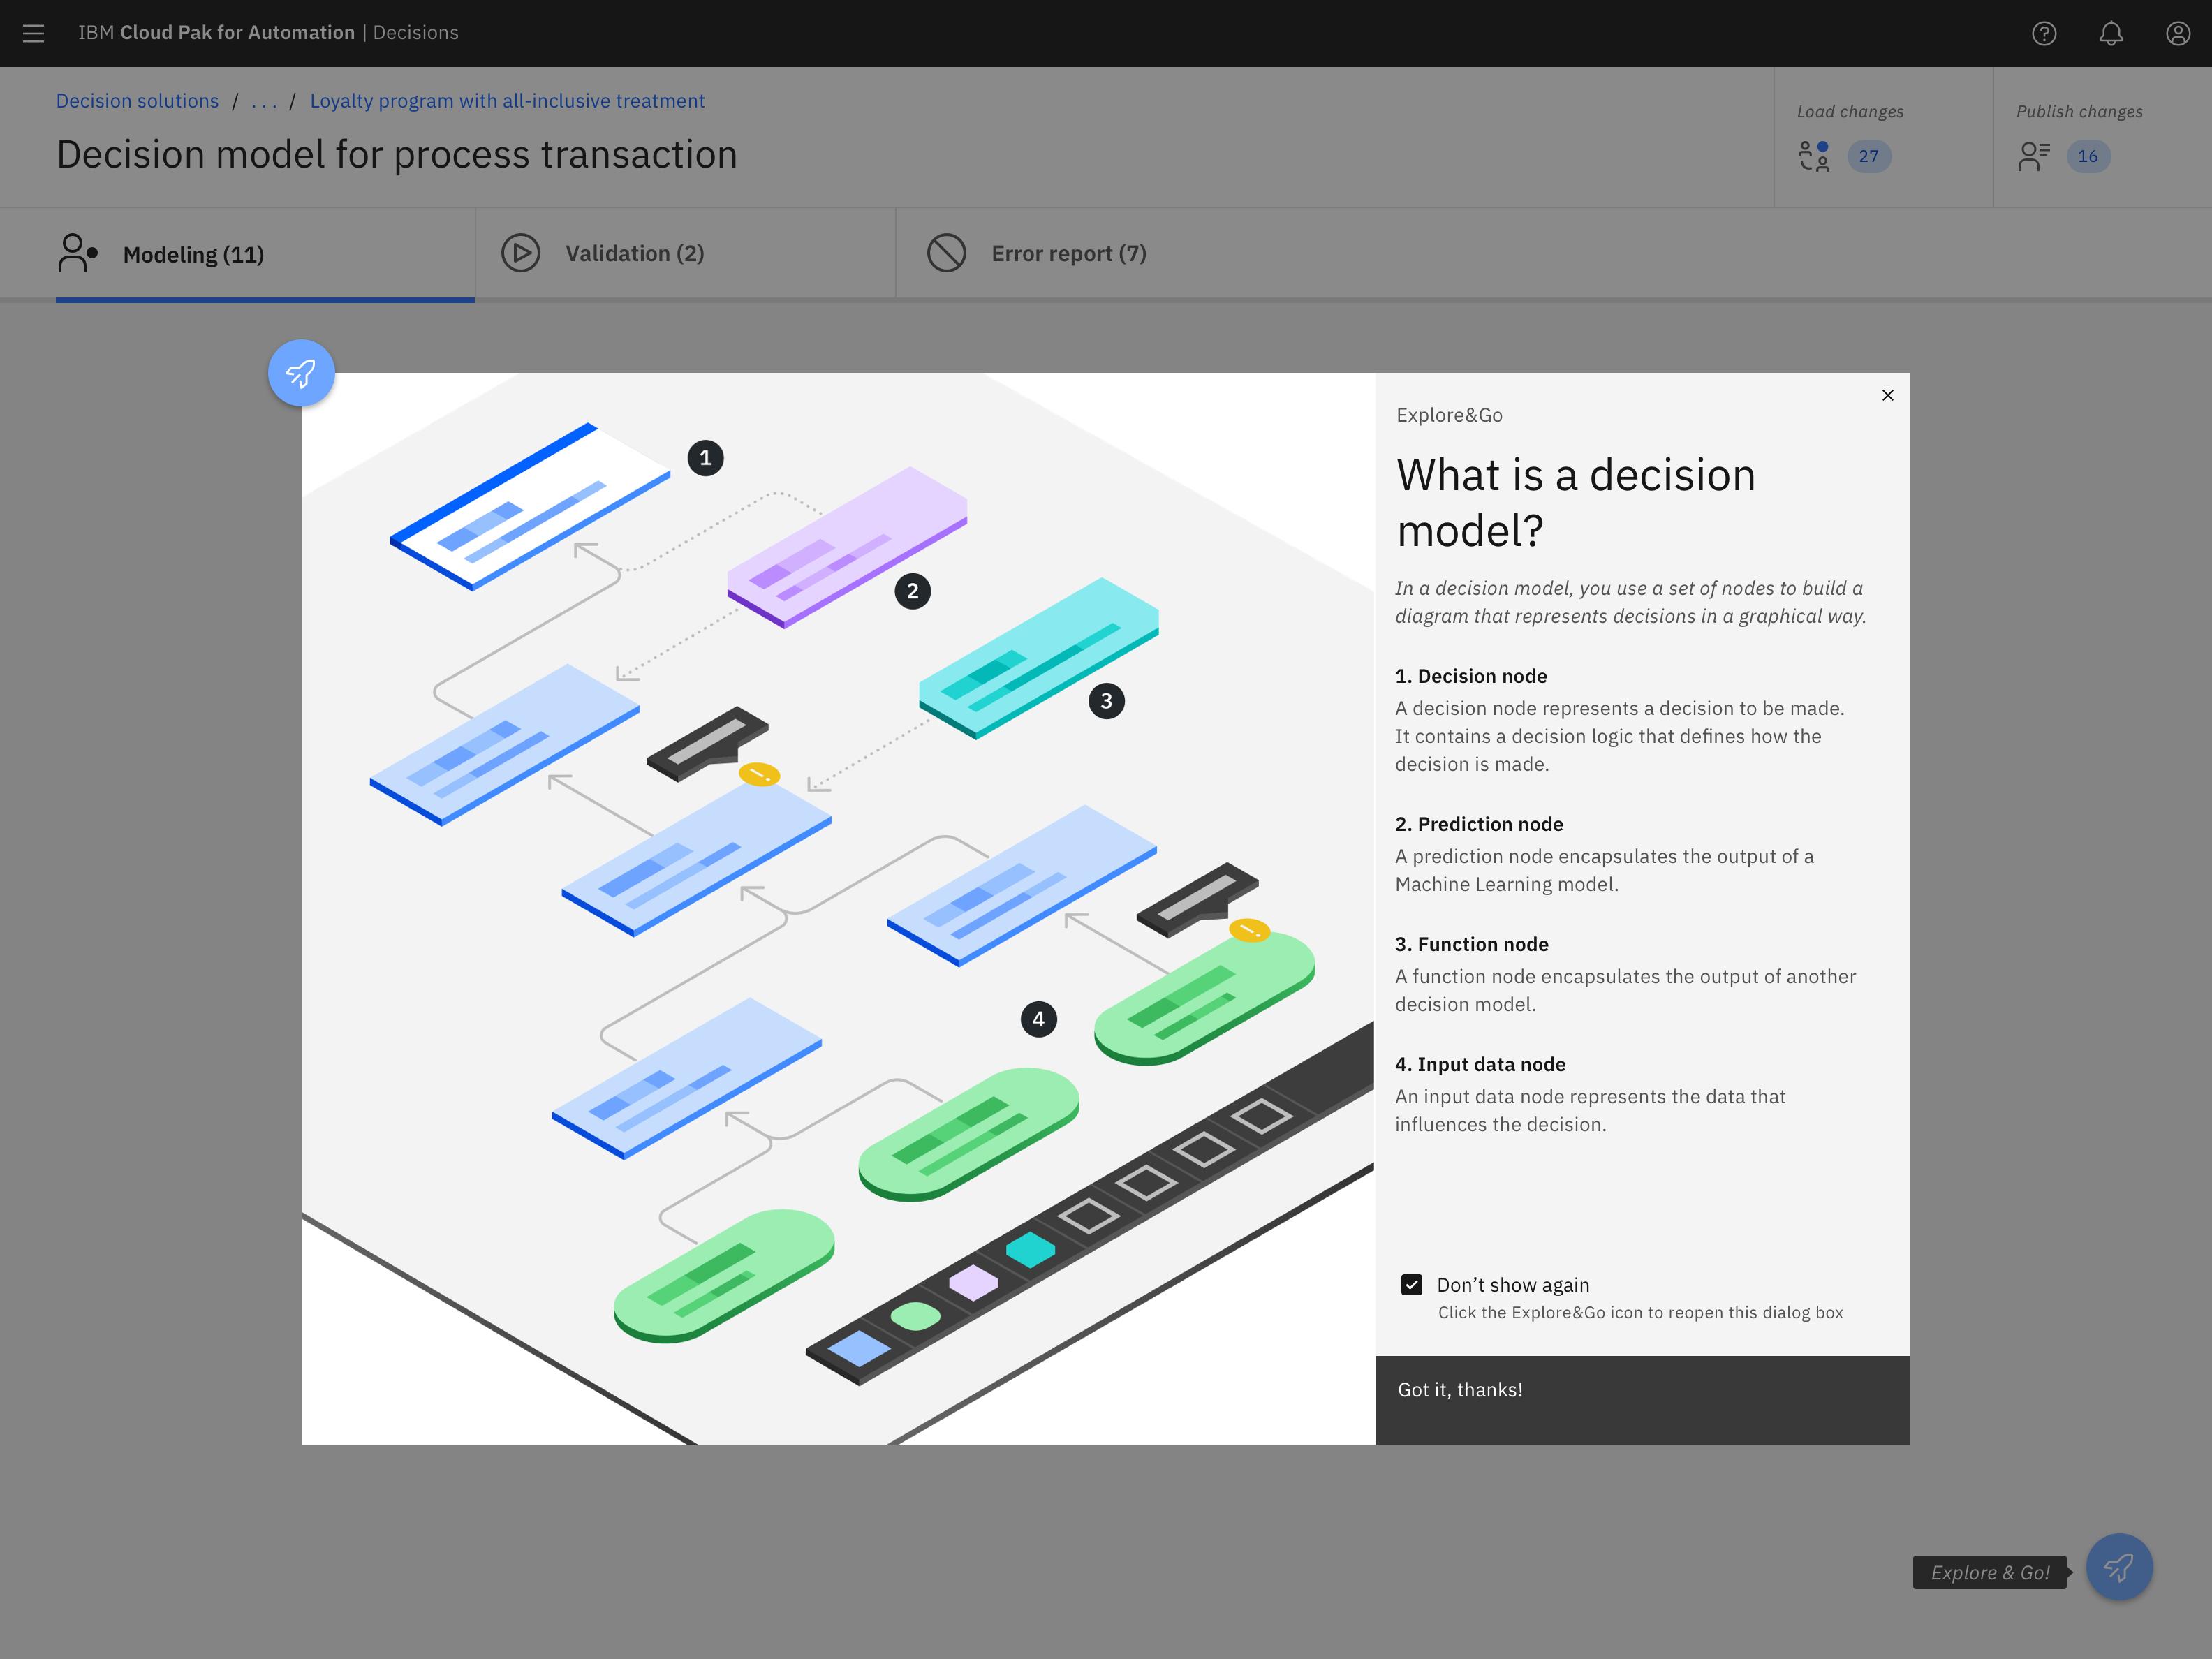 IBM Automation Decision Services